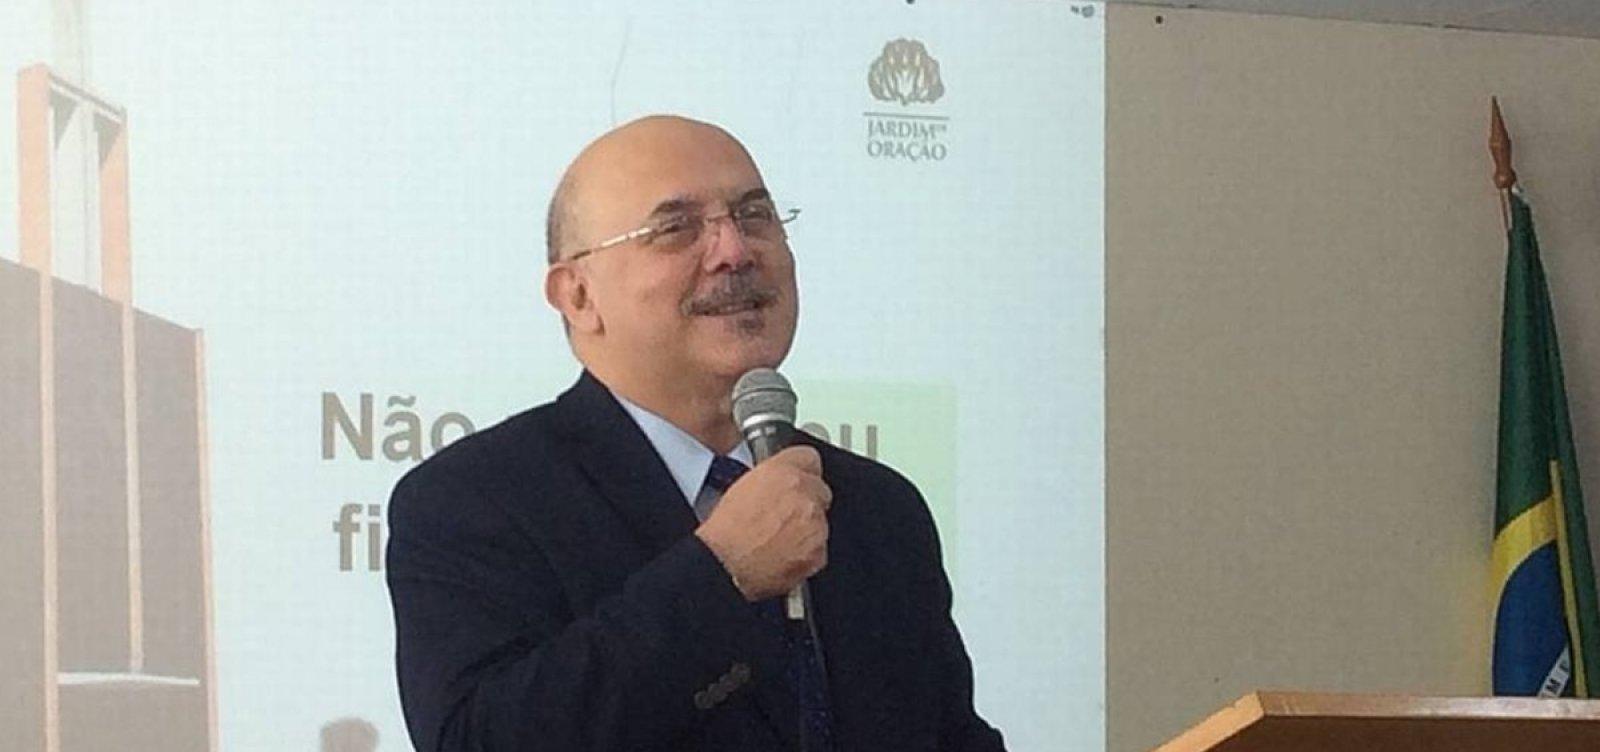 Ministro da Educação anuncia que está com coronavírus